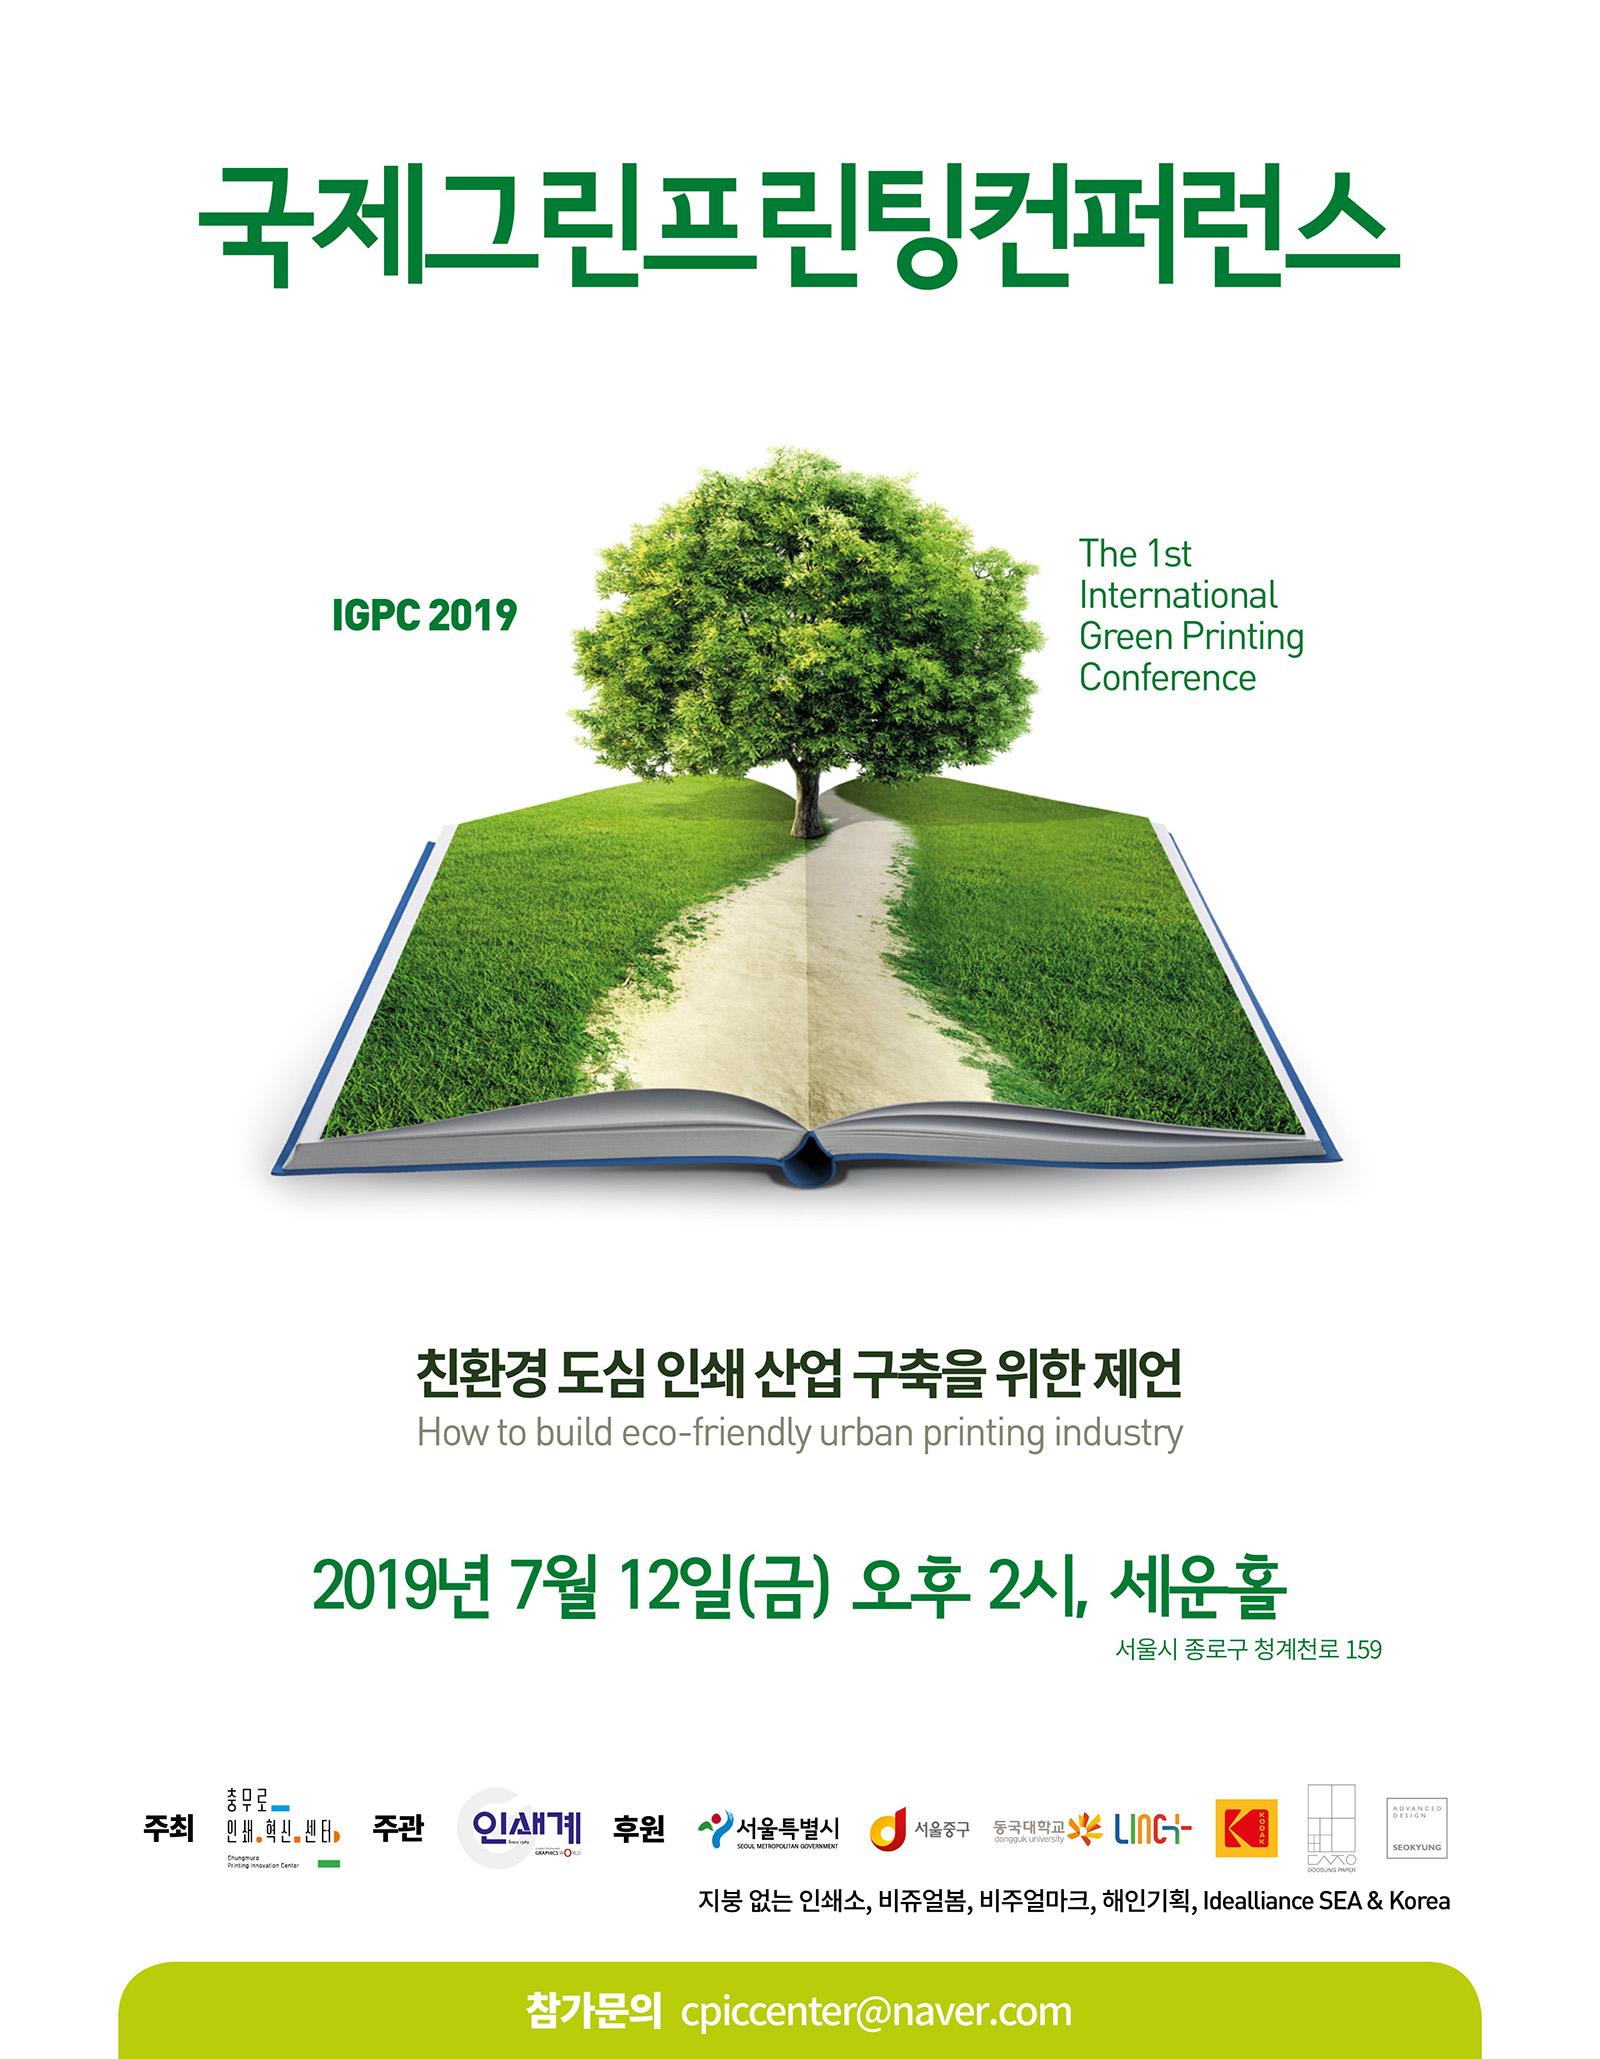 「다시·세운 프로젝트」인쇄골목 공동체 재생 첫결실, '2019 국제 그린프린팅 컨퍼런스 개최'